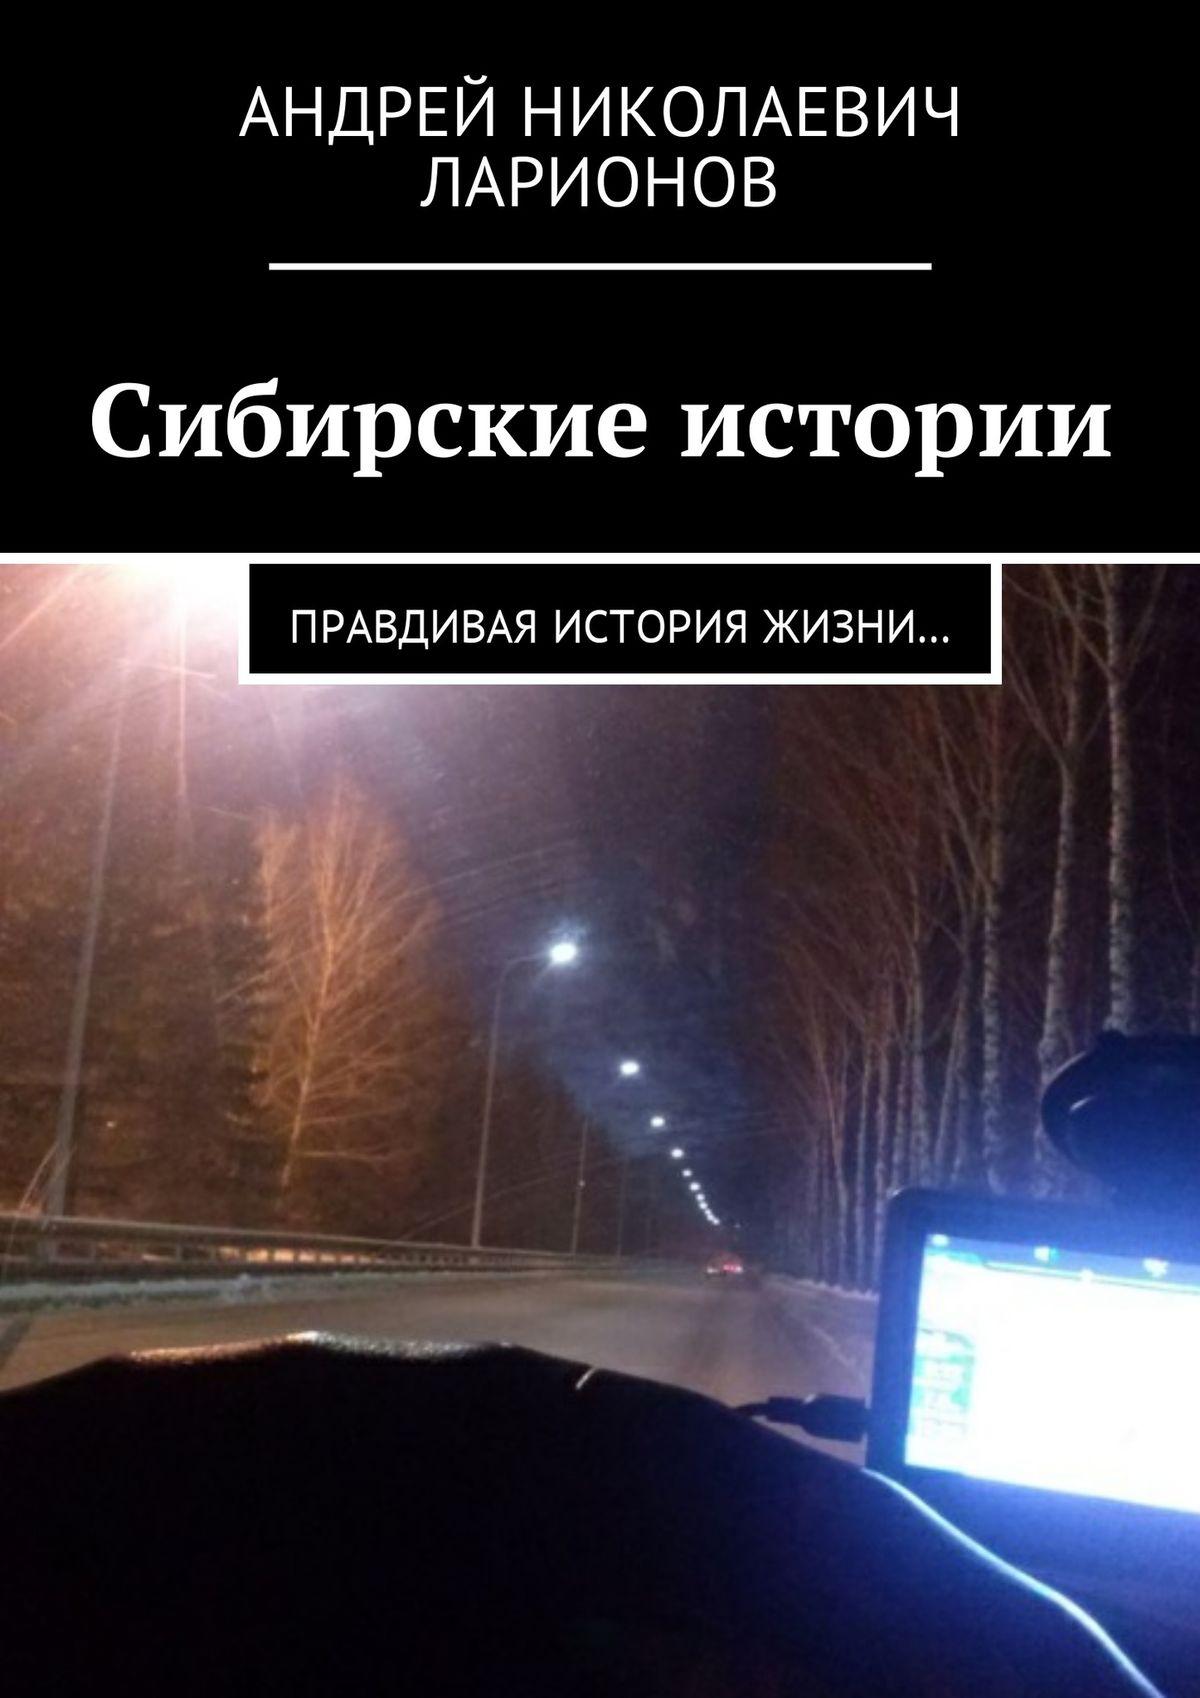 Андрей Николаевич Ларионов Сибирские истории. Правдивая история жизни… цена